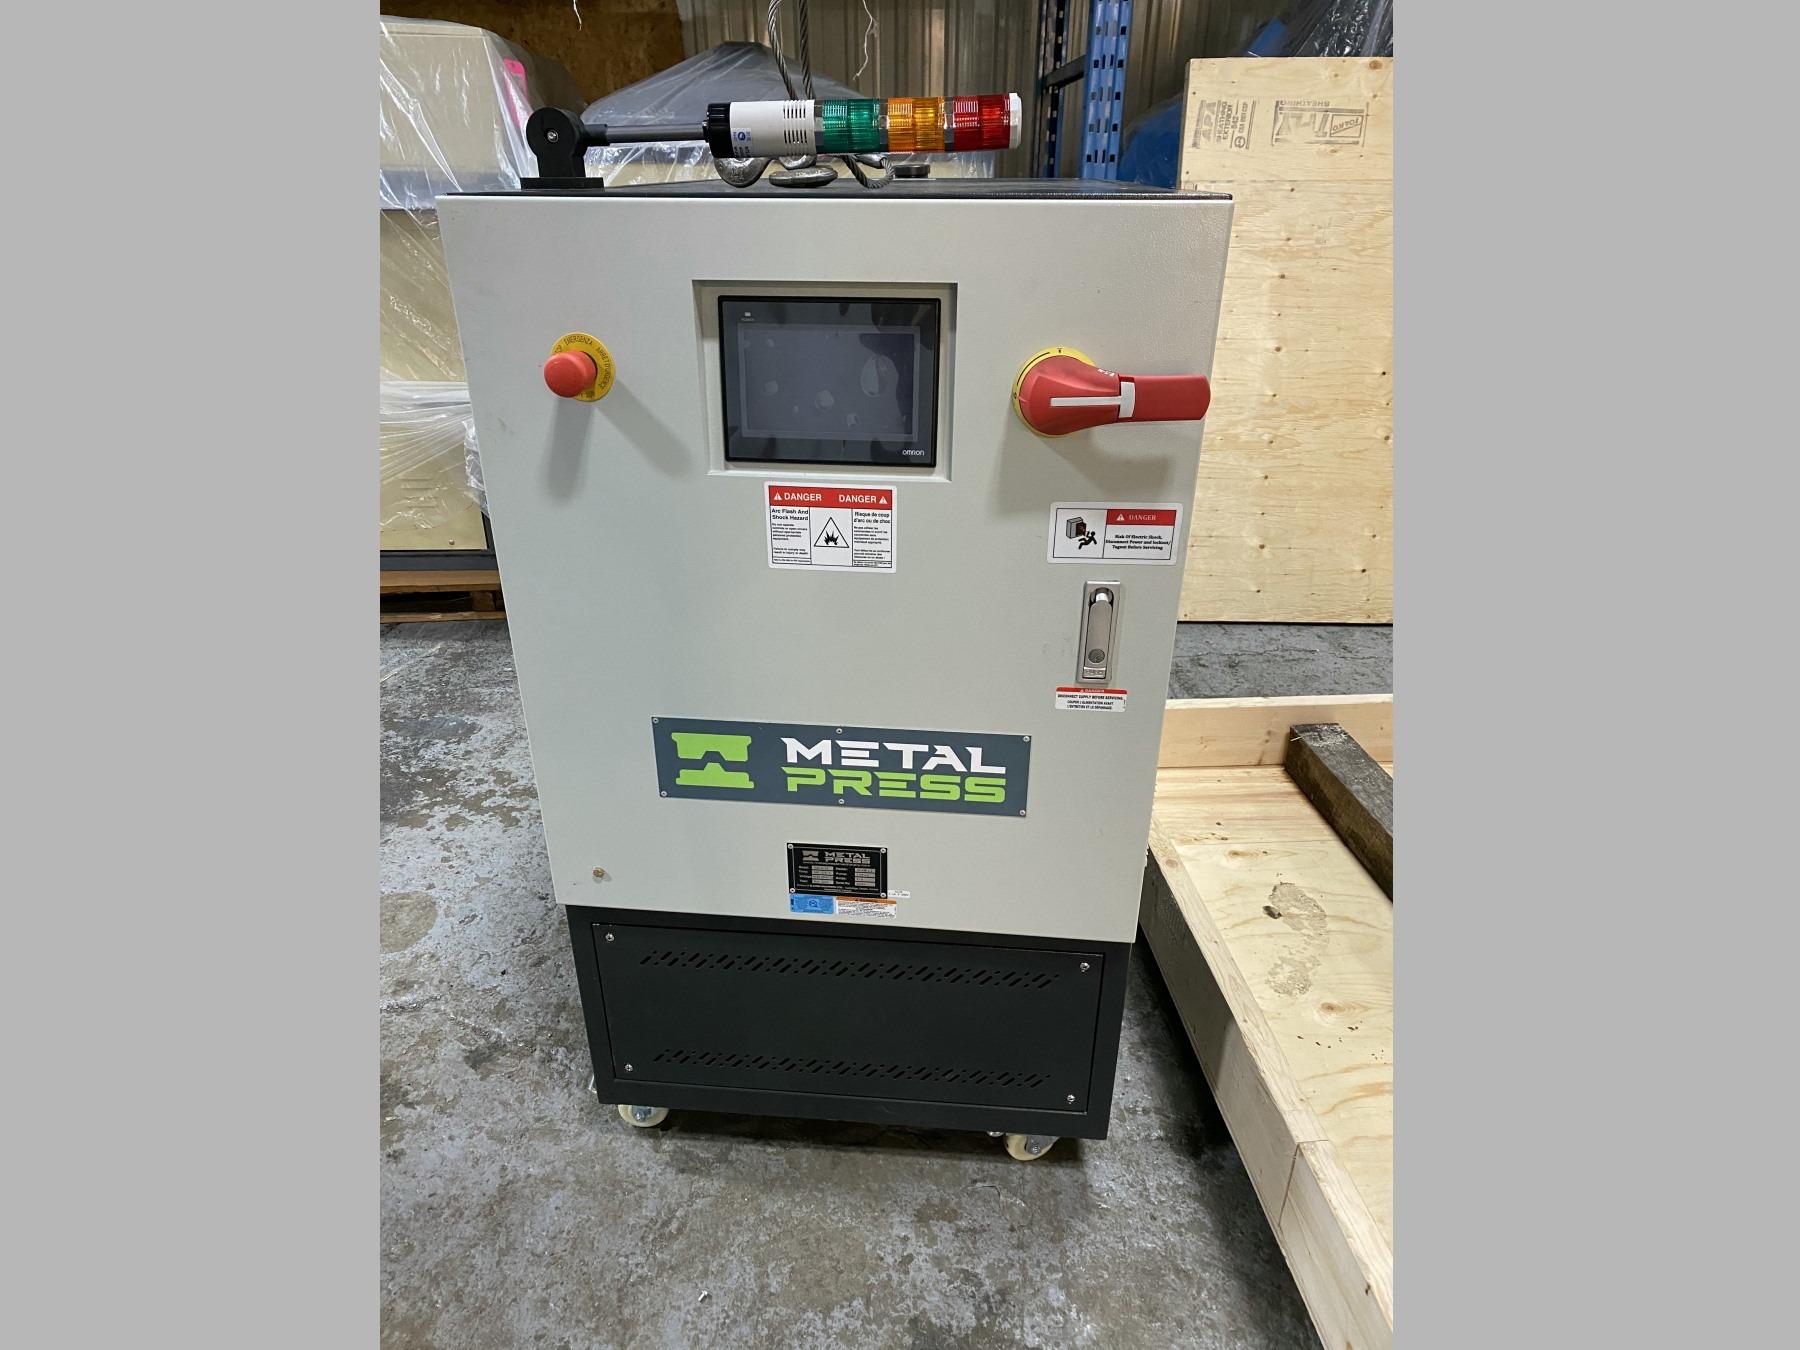 New MetalPress Hot Oil Temperature Control Unit #80885